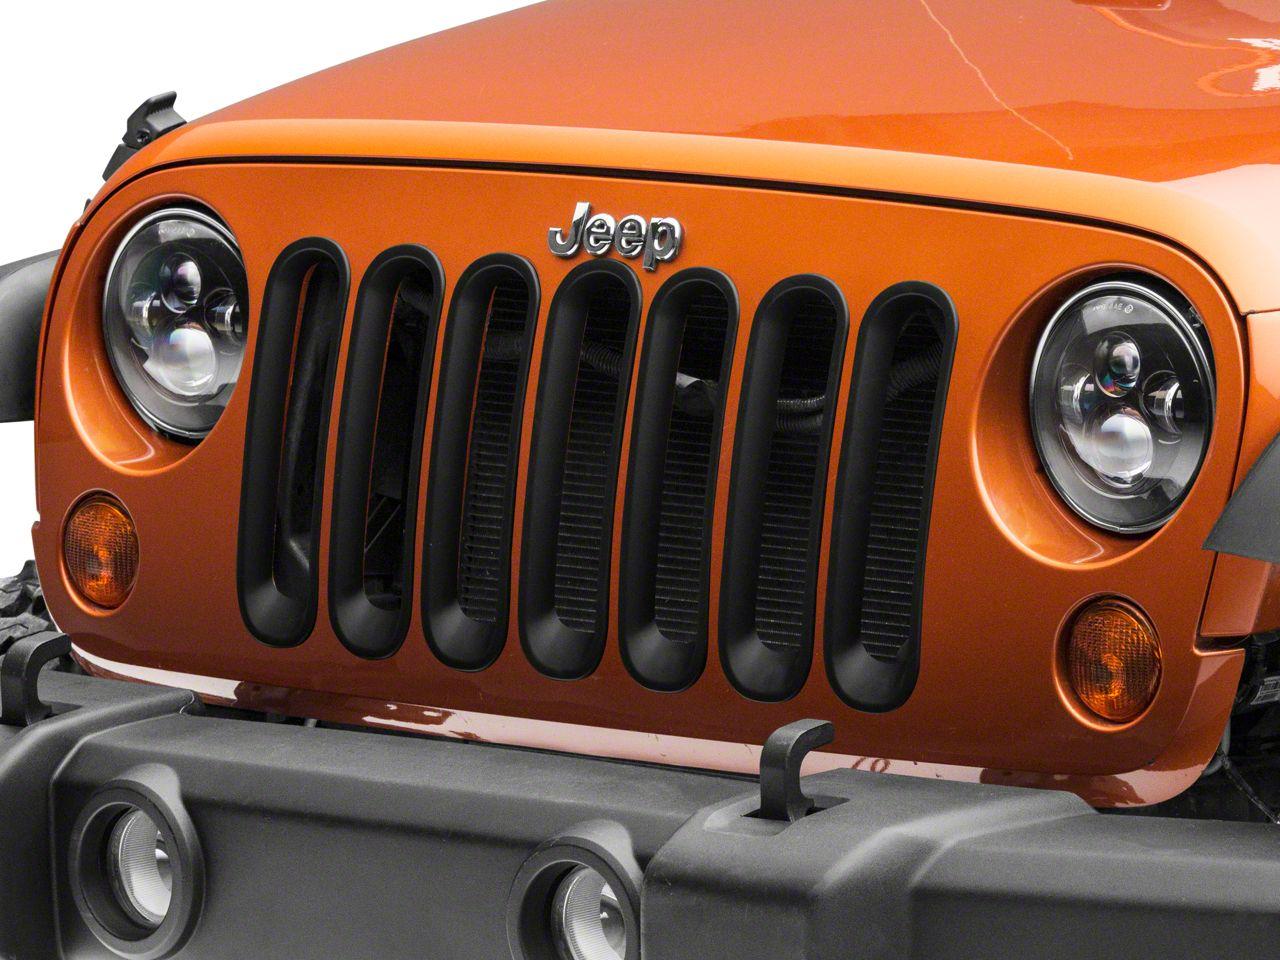 RedRock 4x4 Grille Inserts - Matte Black (07-18 Jeep Wrangler JK)